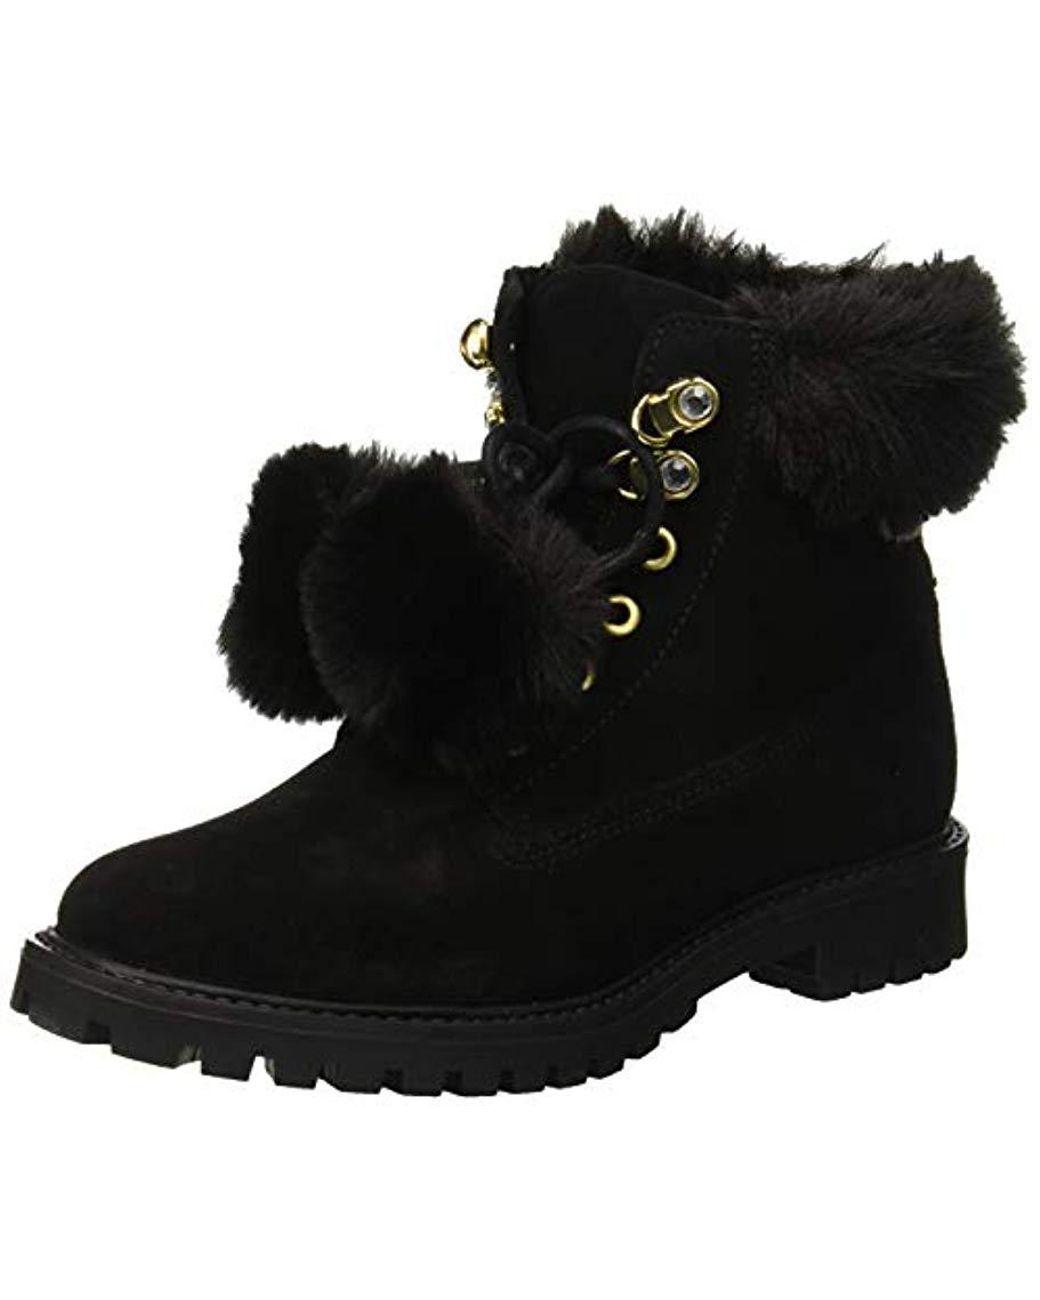 ca45f7c76cd Guess Tamara High Boots in Black - Lyst